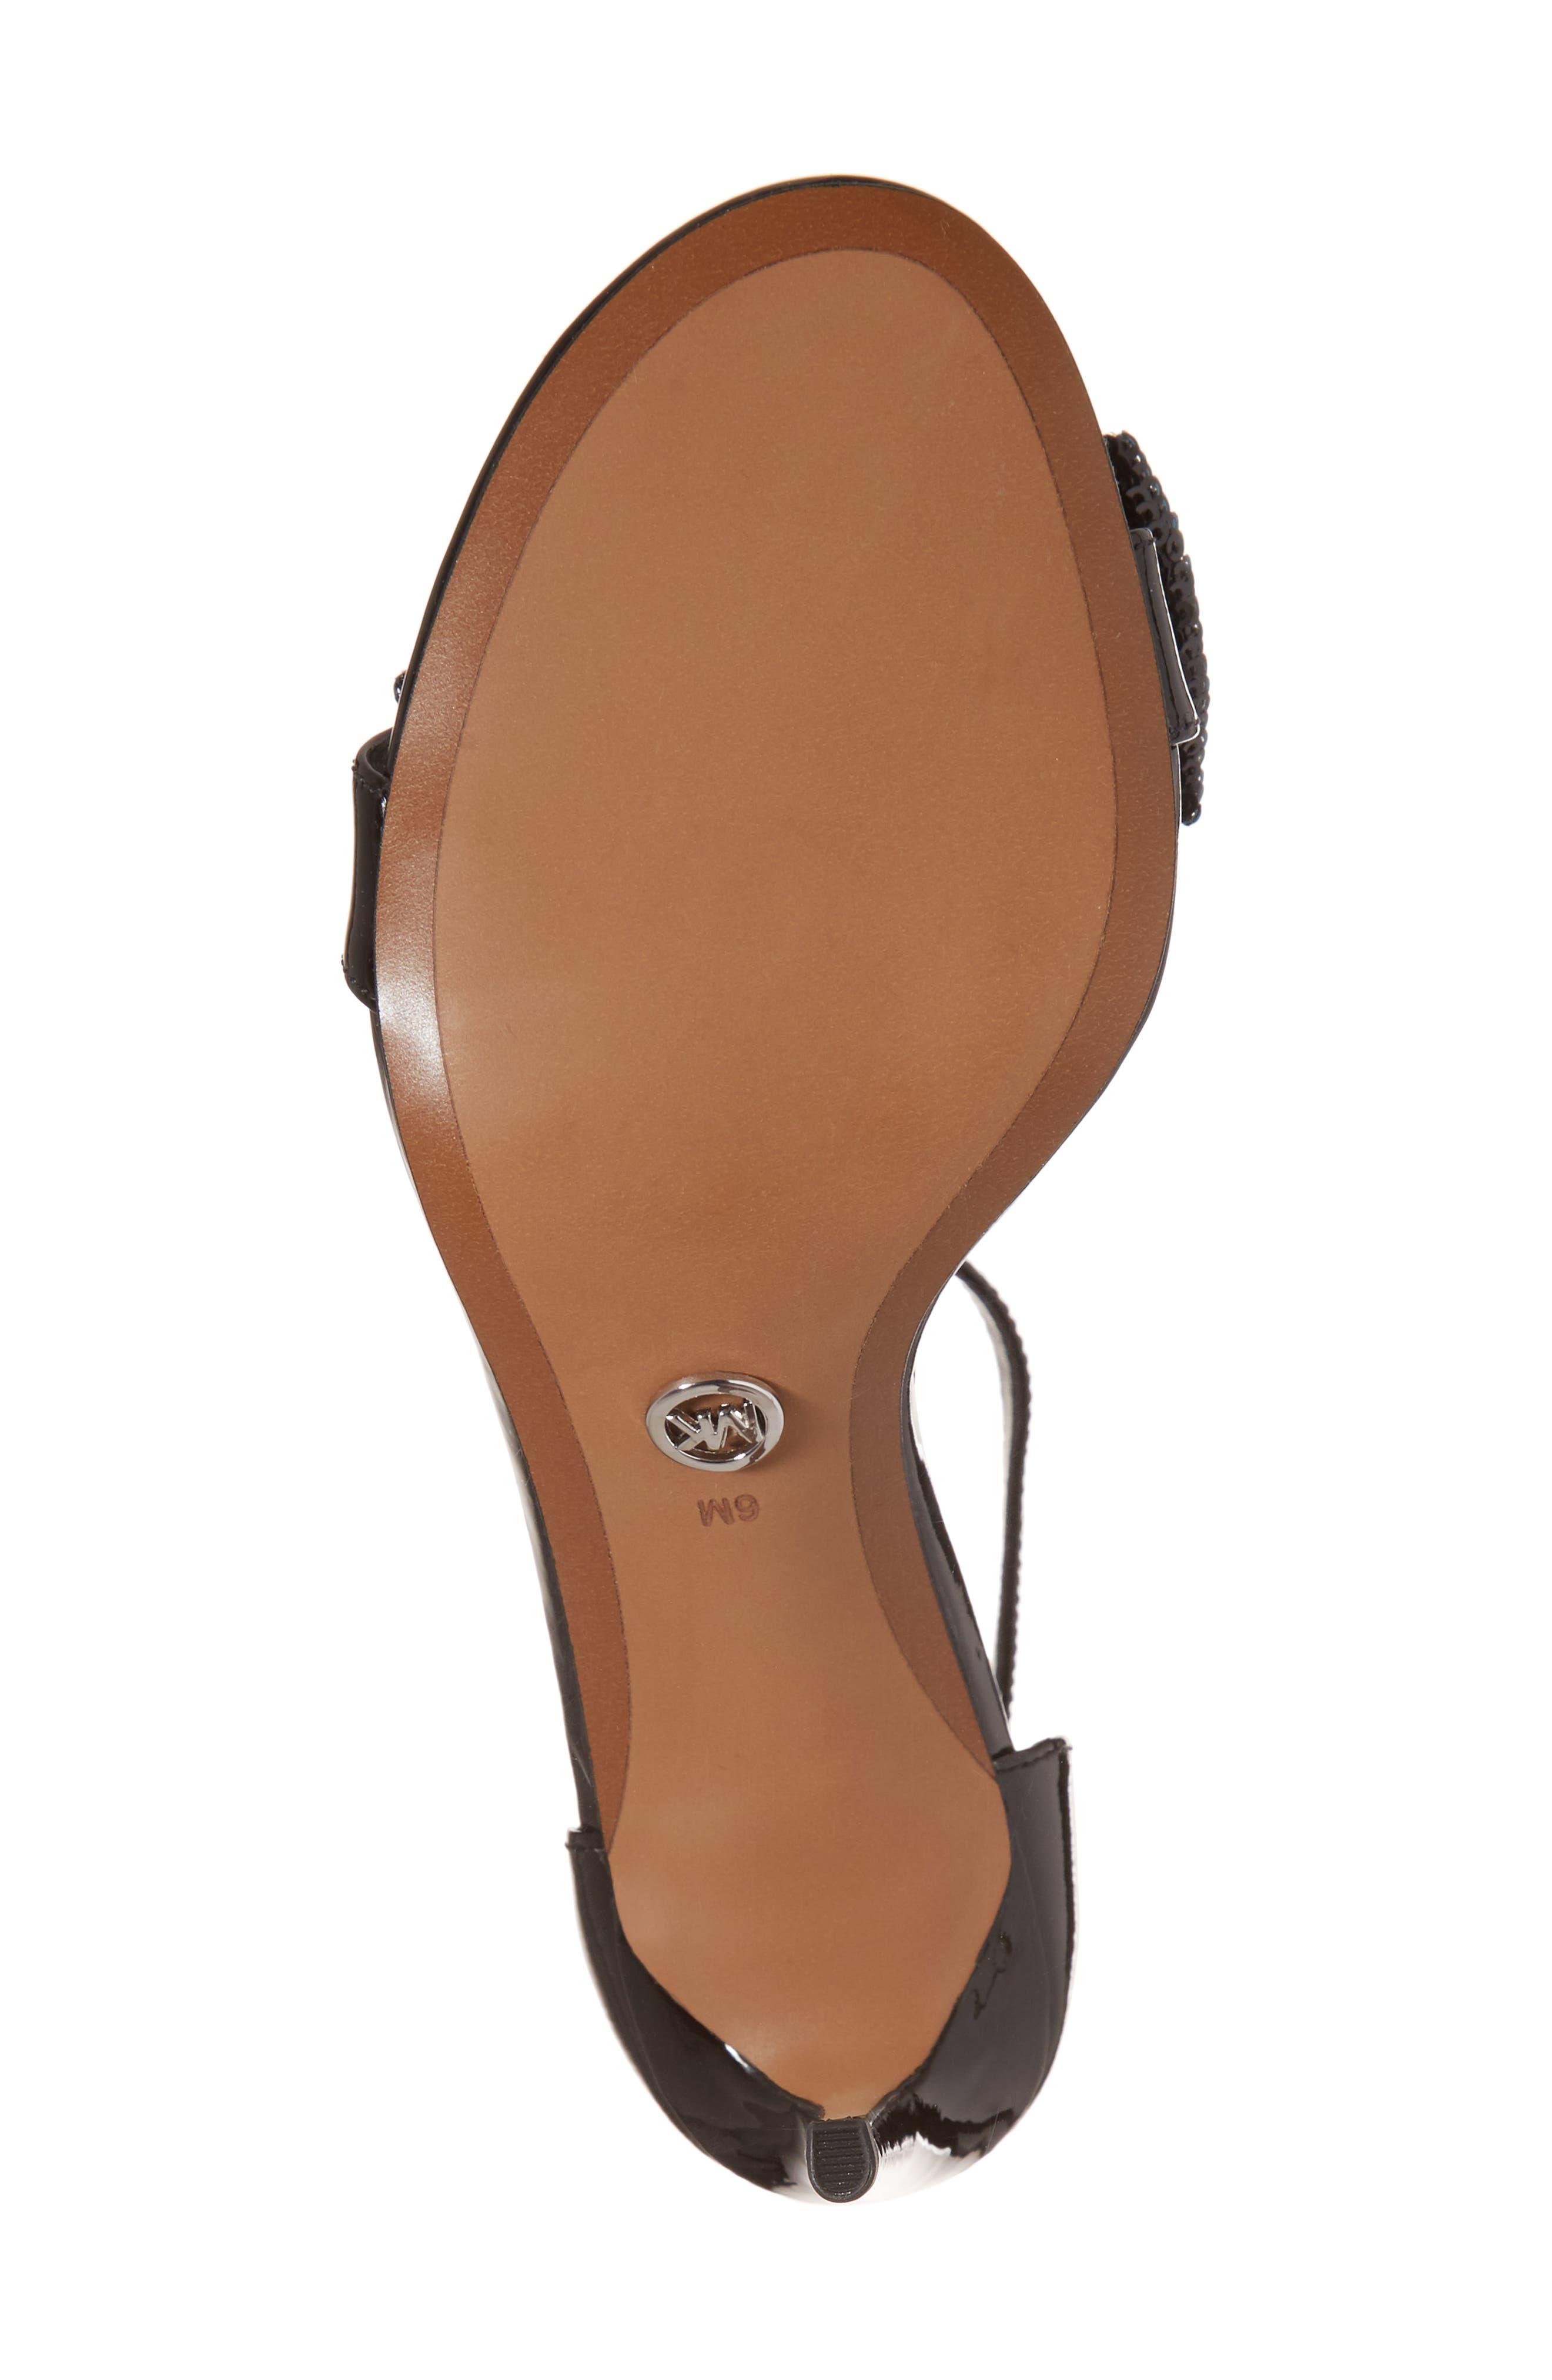 Paris Sequin Bow Sandal,                             Alternate thumbnail 6, color,                             001